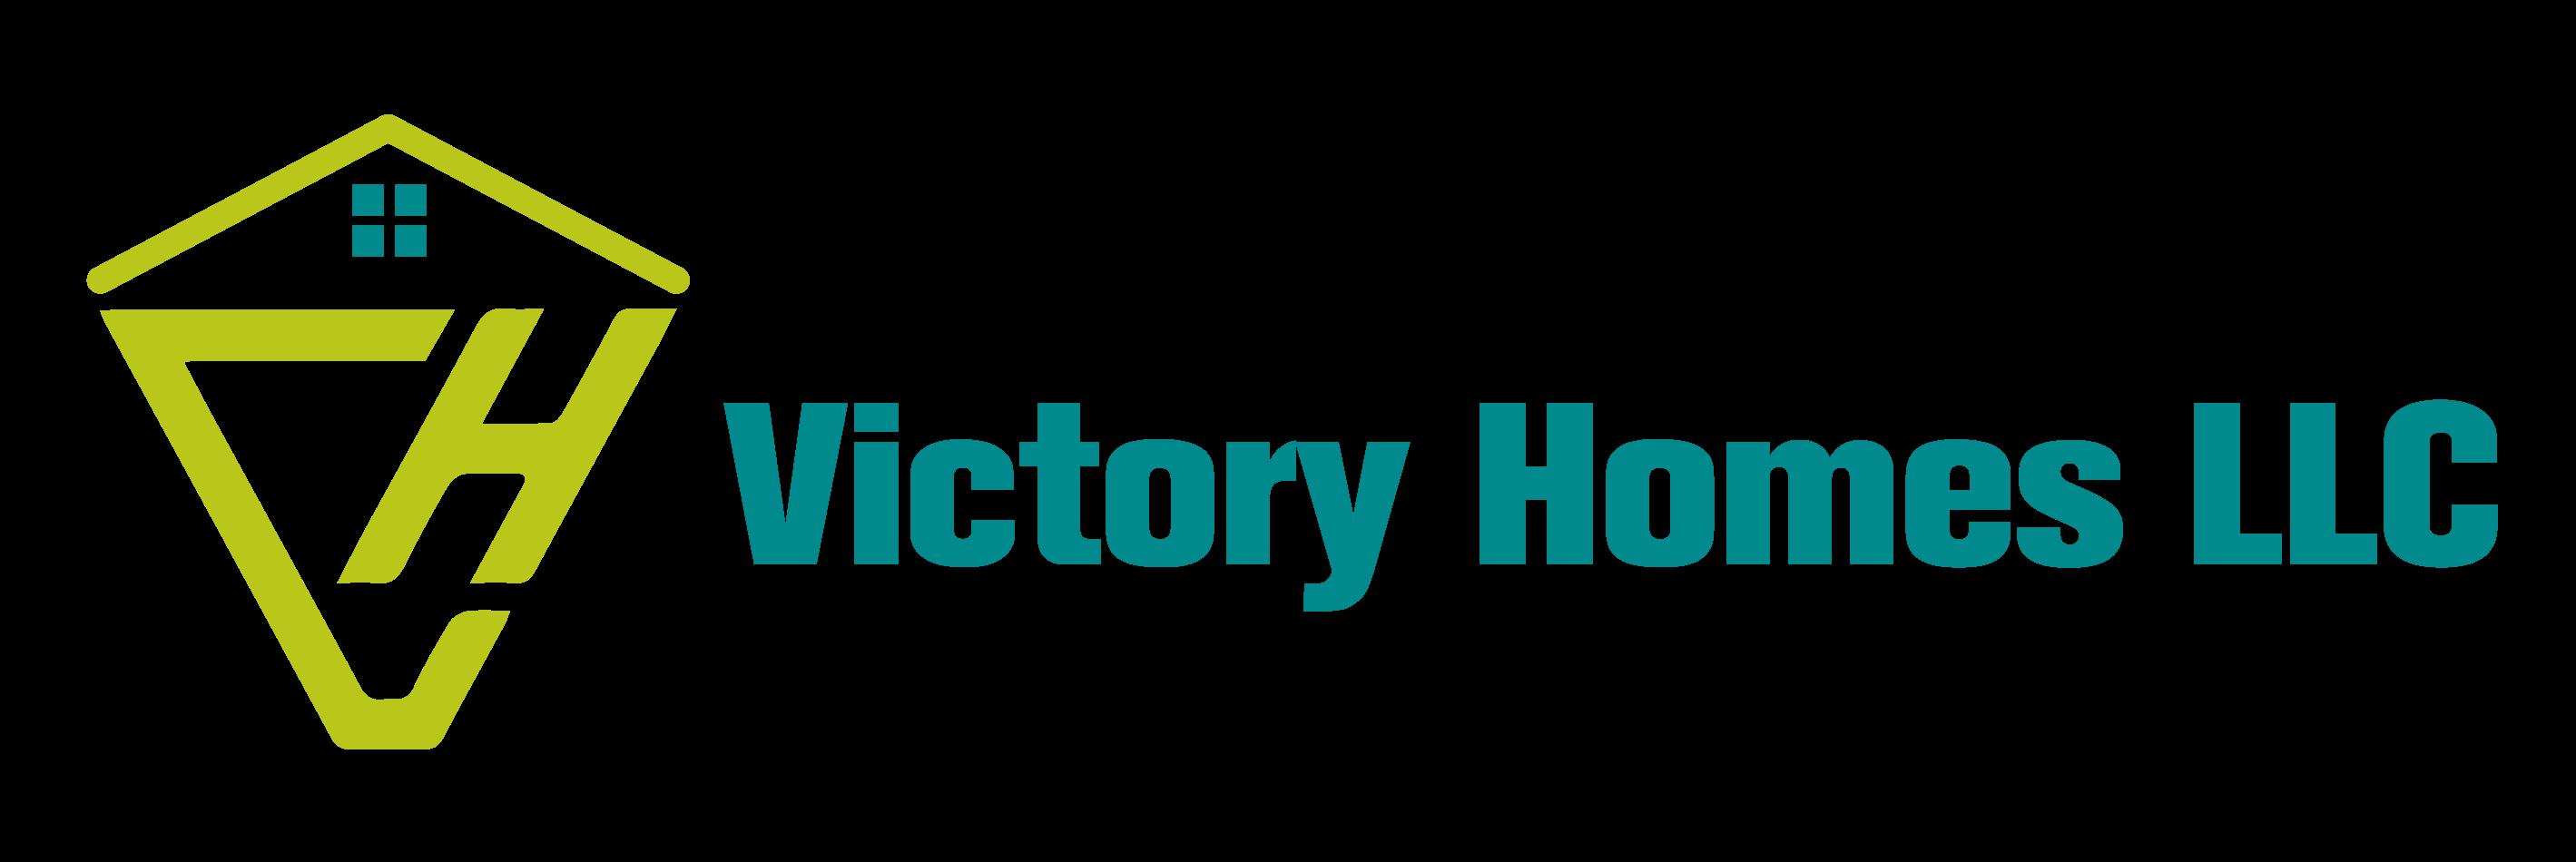 Victory Homes, LLC